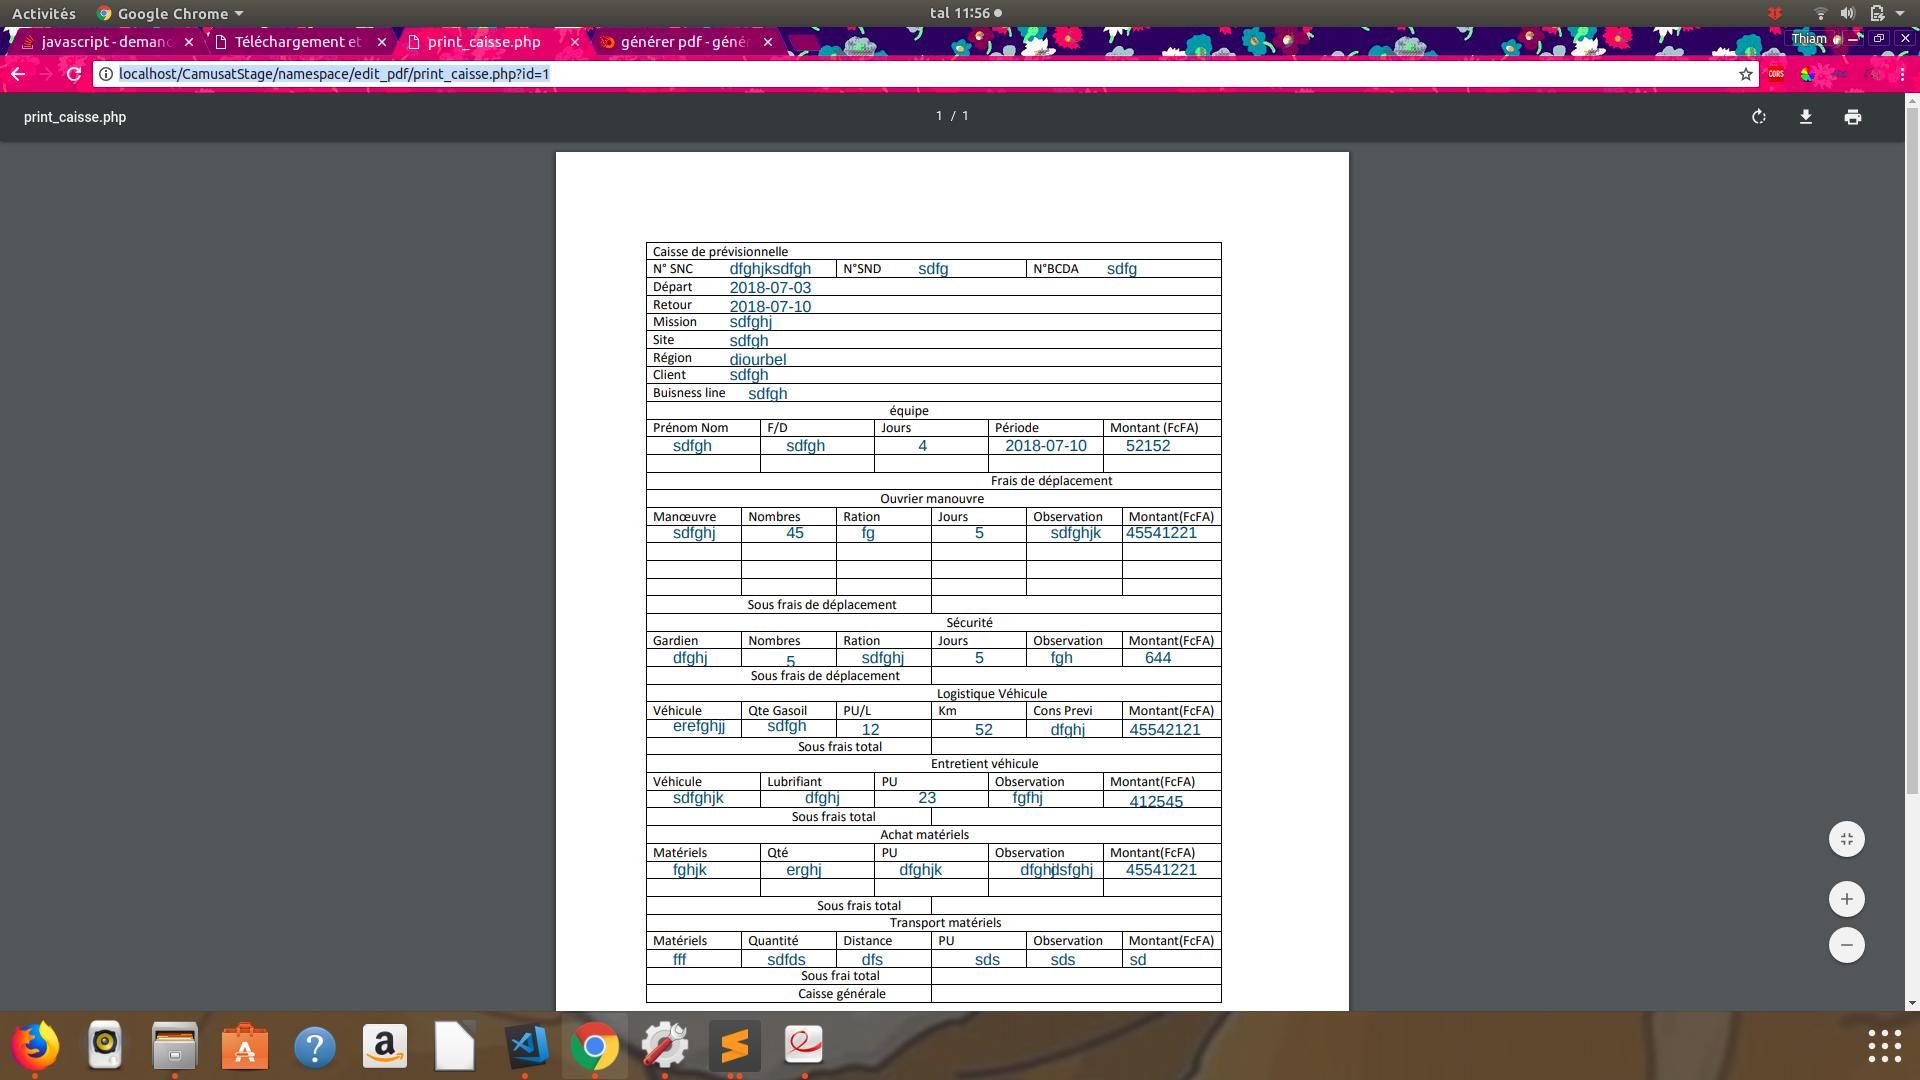 générer pdf - générer pdf avec plusieurs tables par